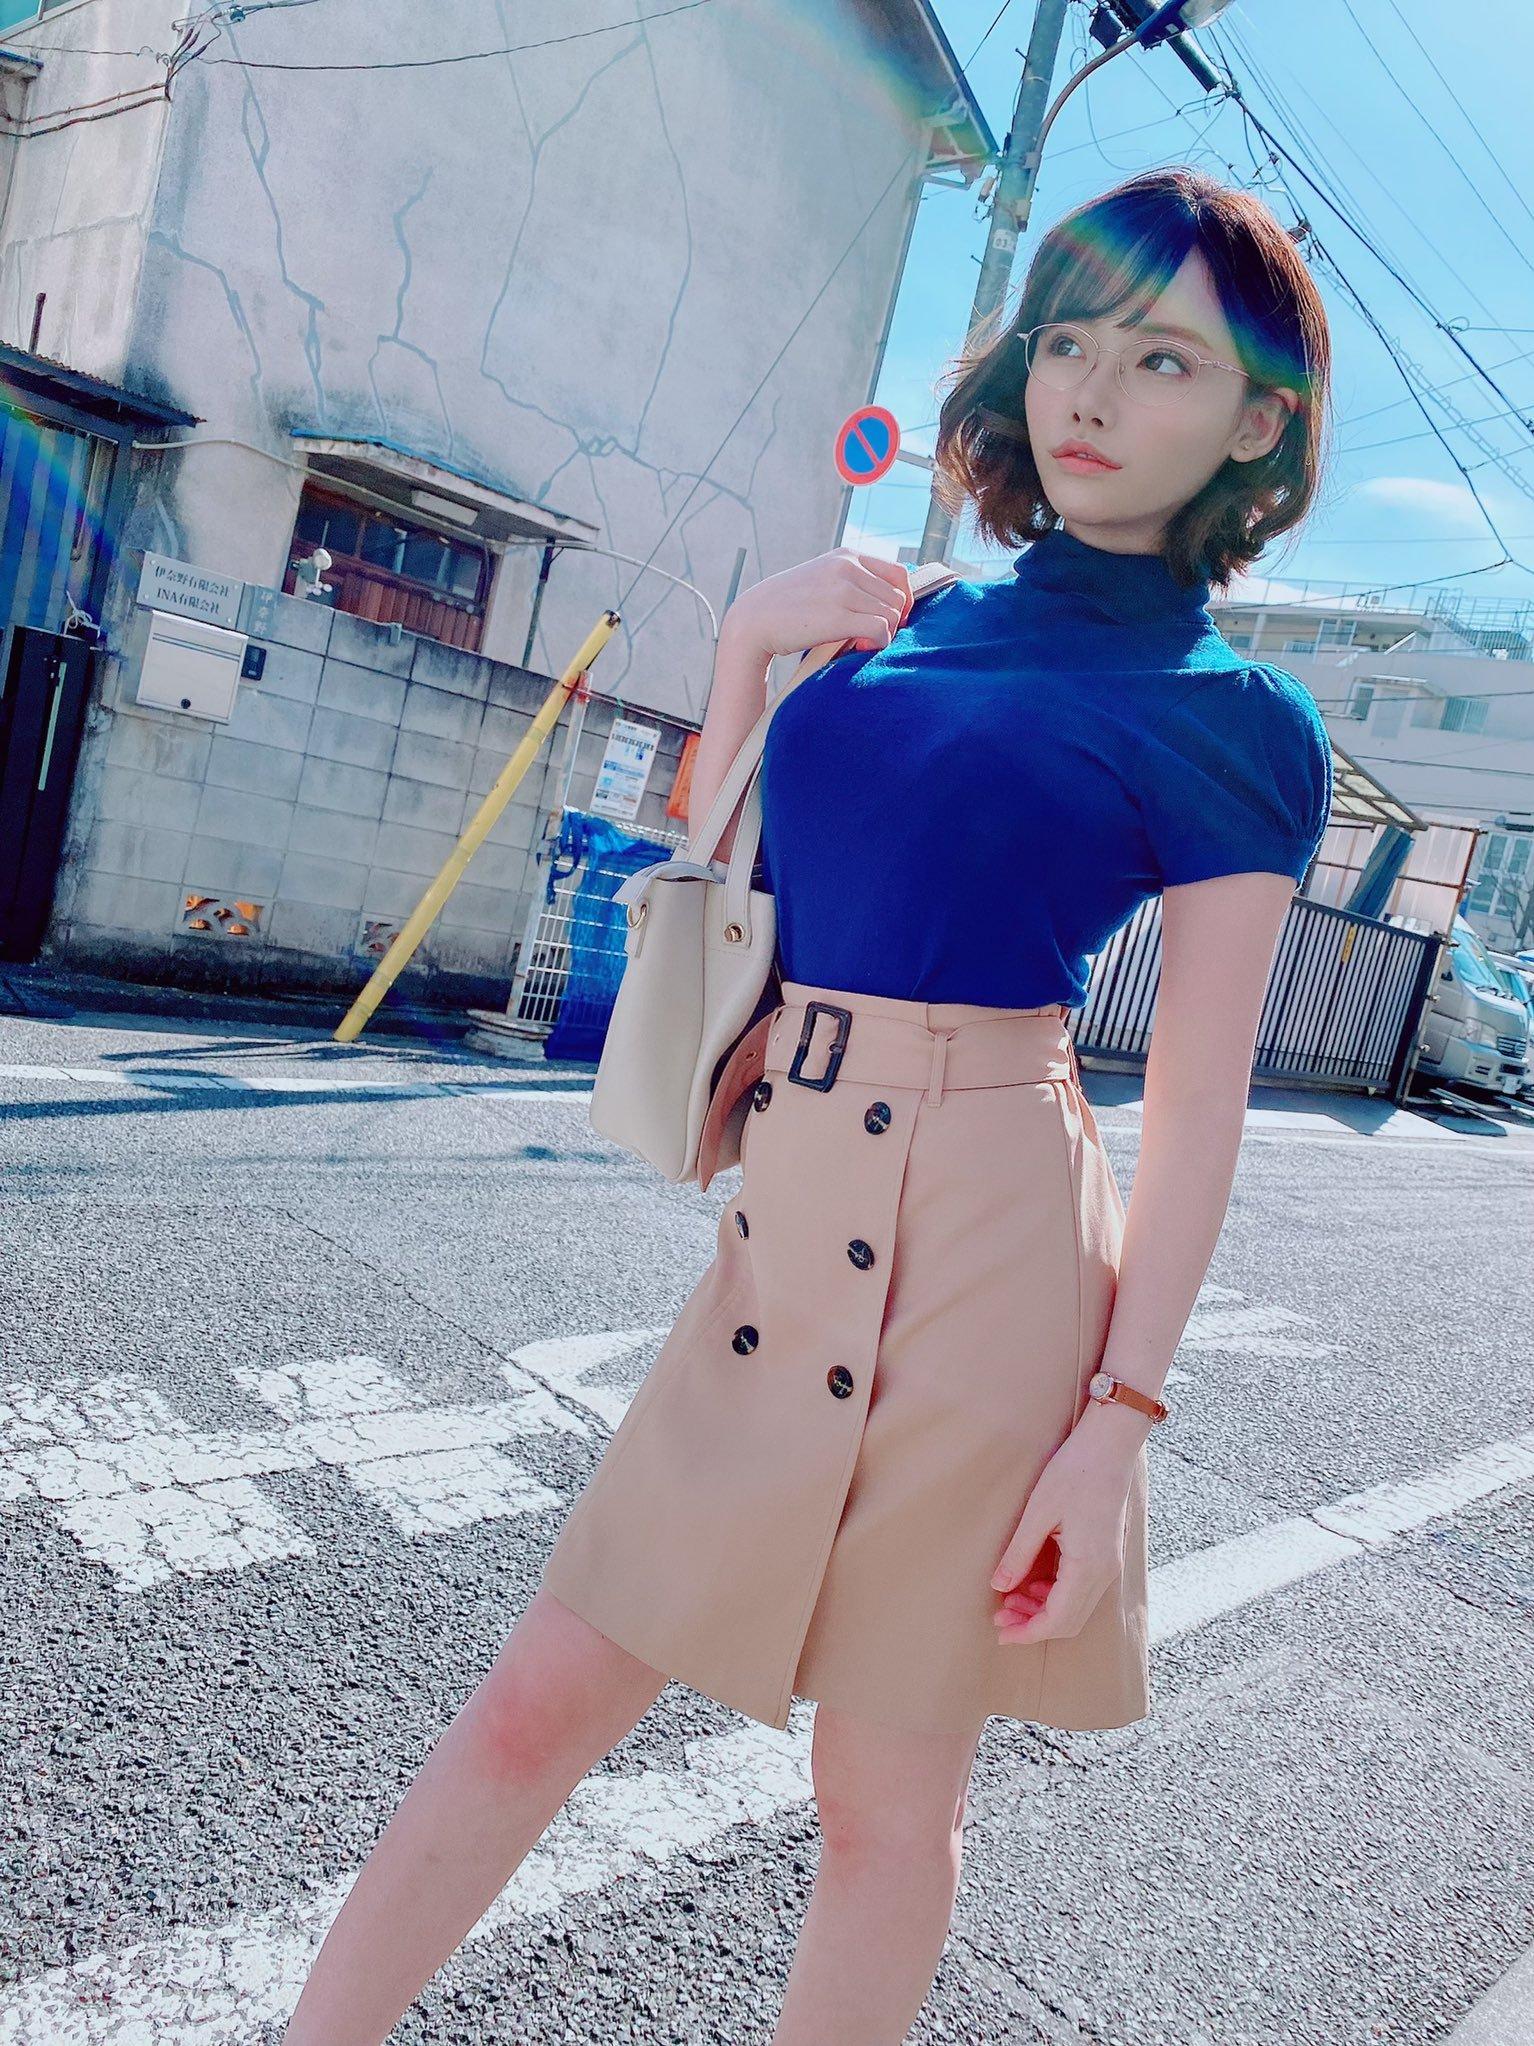 疯狂!深田咏美分享火辣照片,竟然被男粉丝跟踪 第3张